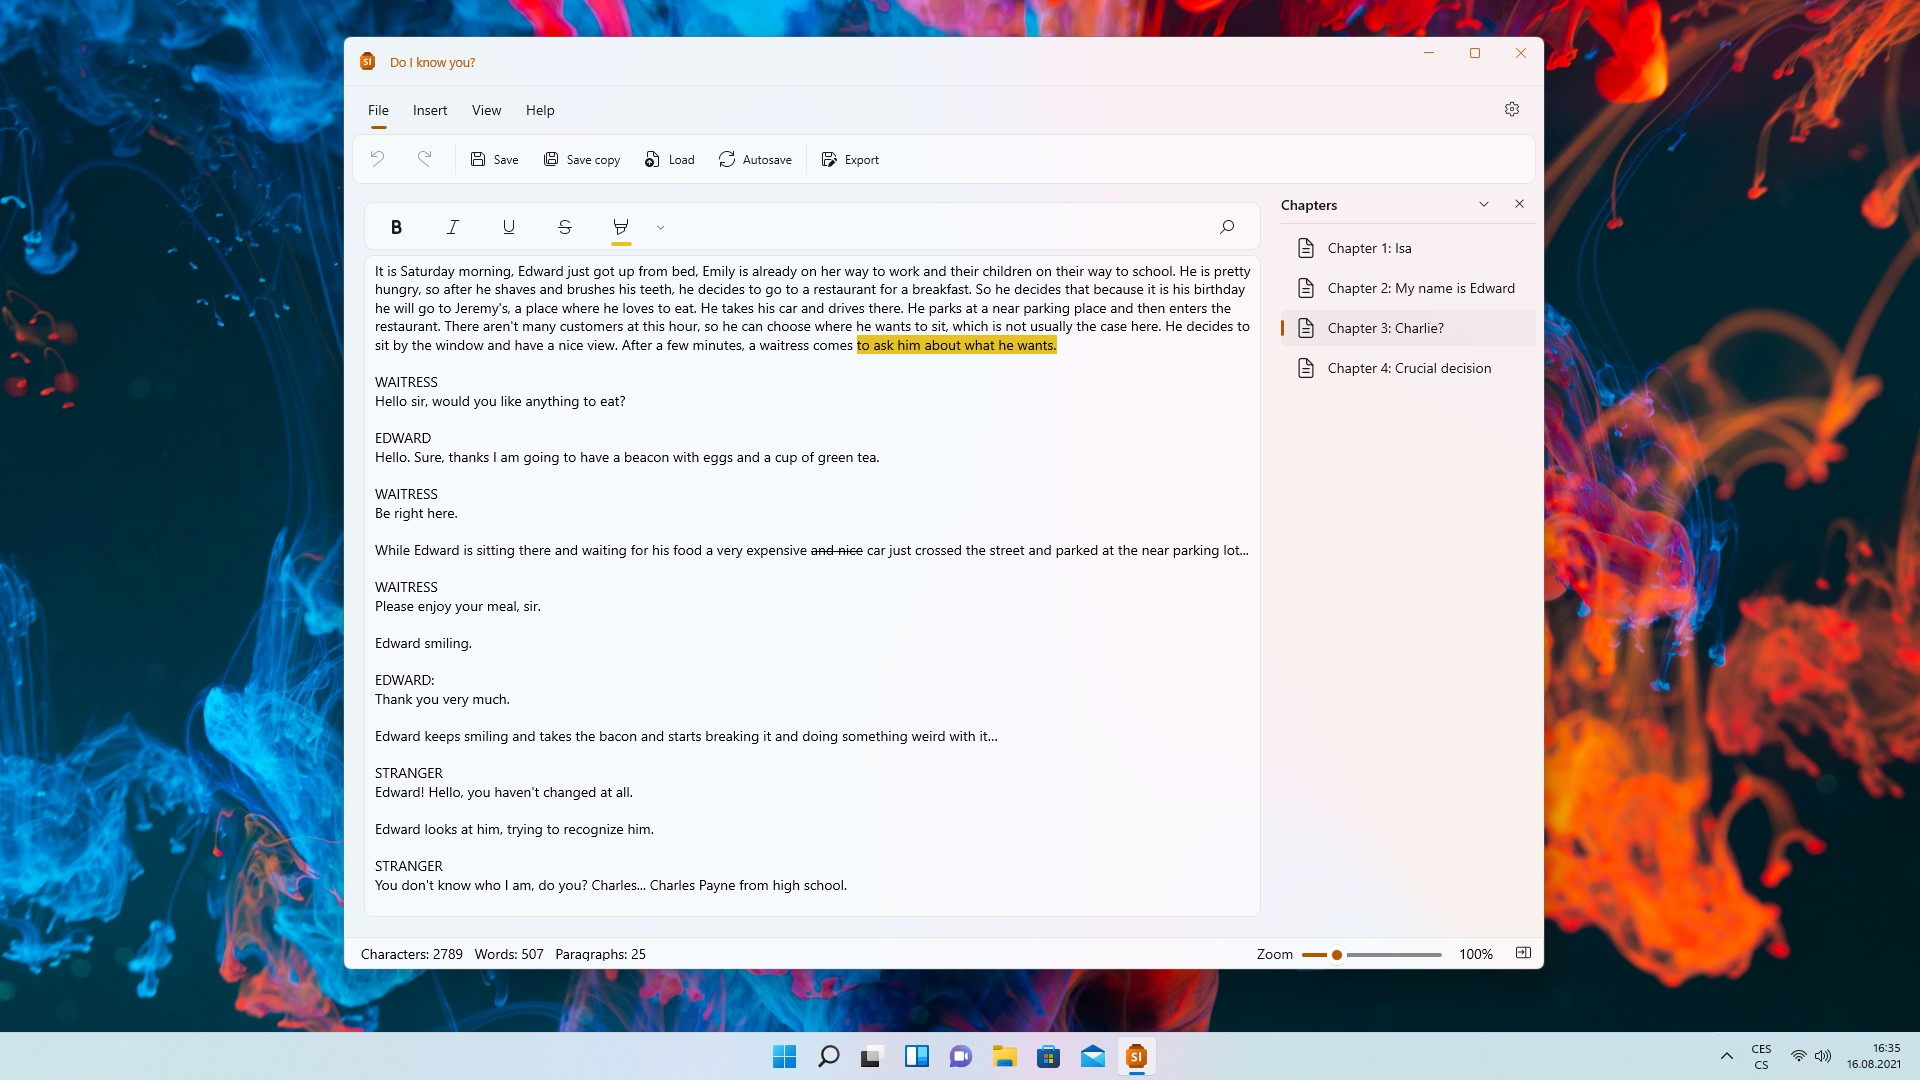 Storylines - App per Windows - Editor di testo con suddivisione in capitoli